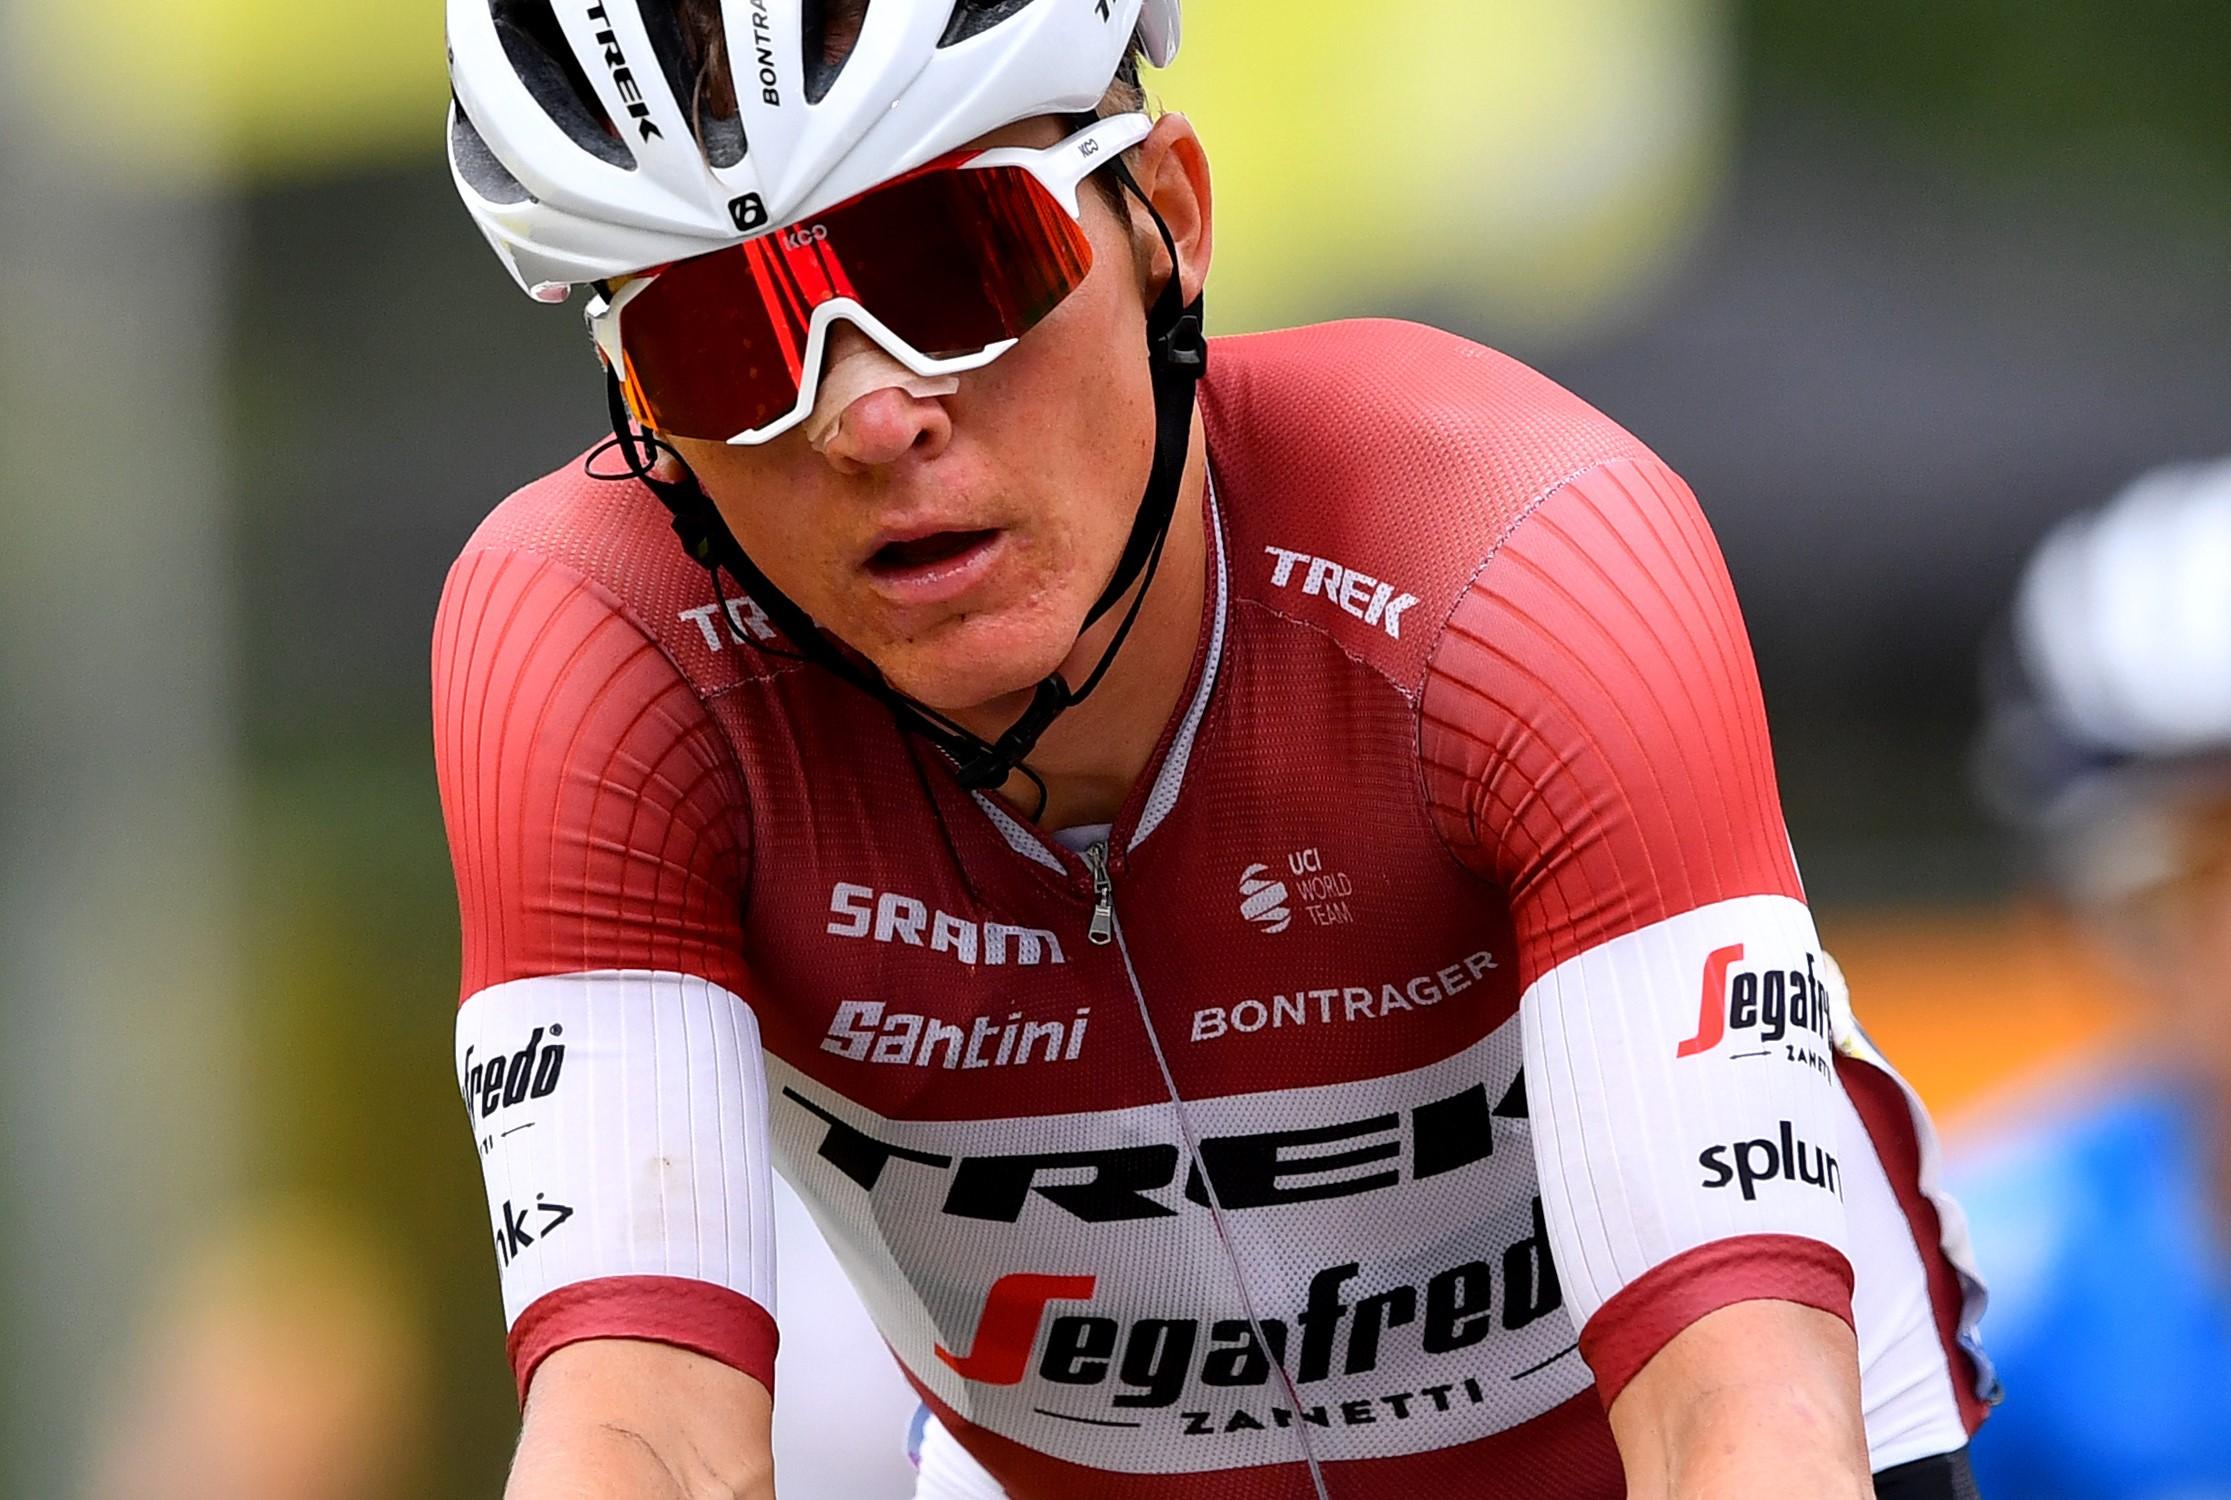 ''Tour de France'' favorīti kritienos zaudē laiku; Skujiņam 45. pozīcija